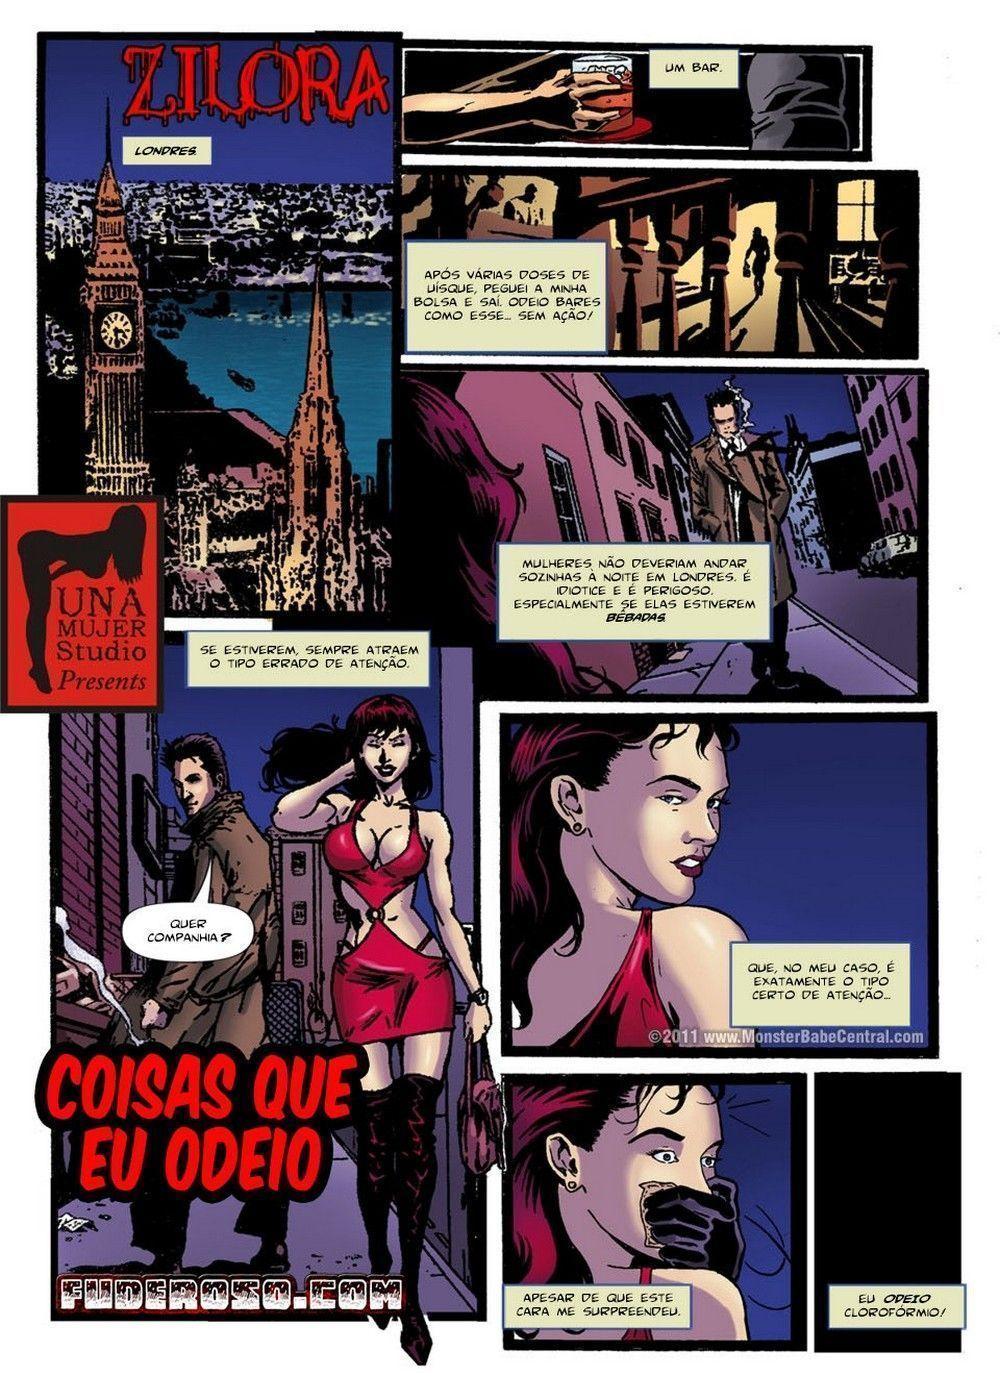 Zilora capitulo 4 - quadrinhos eroticos